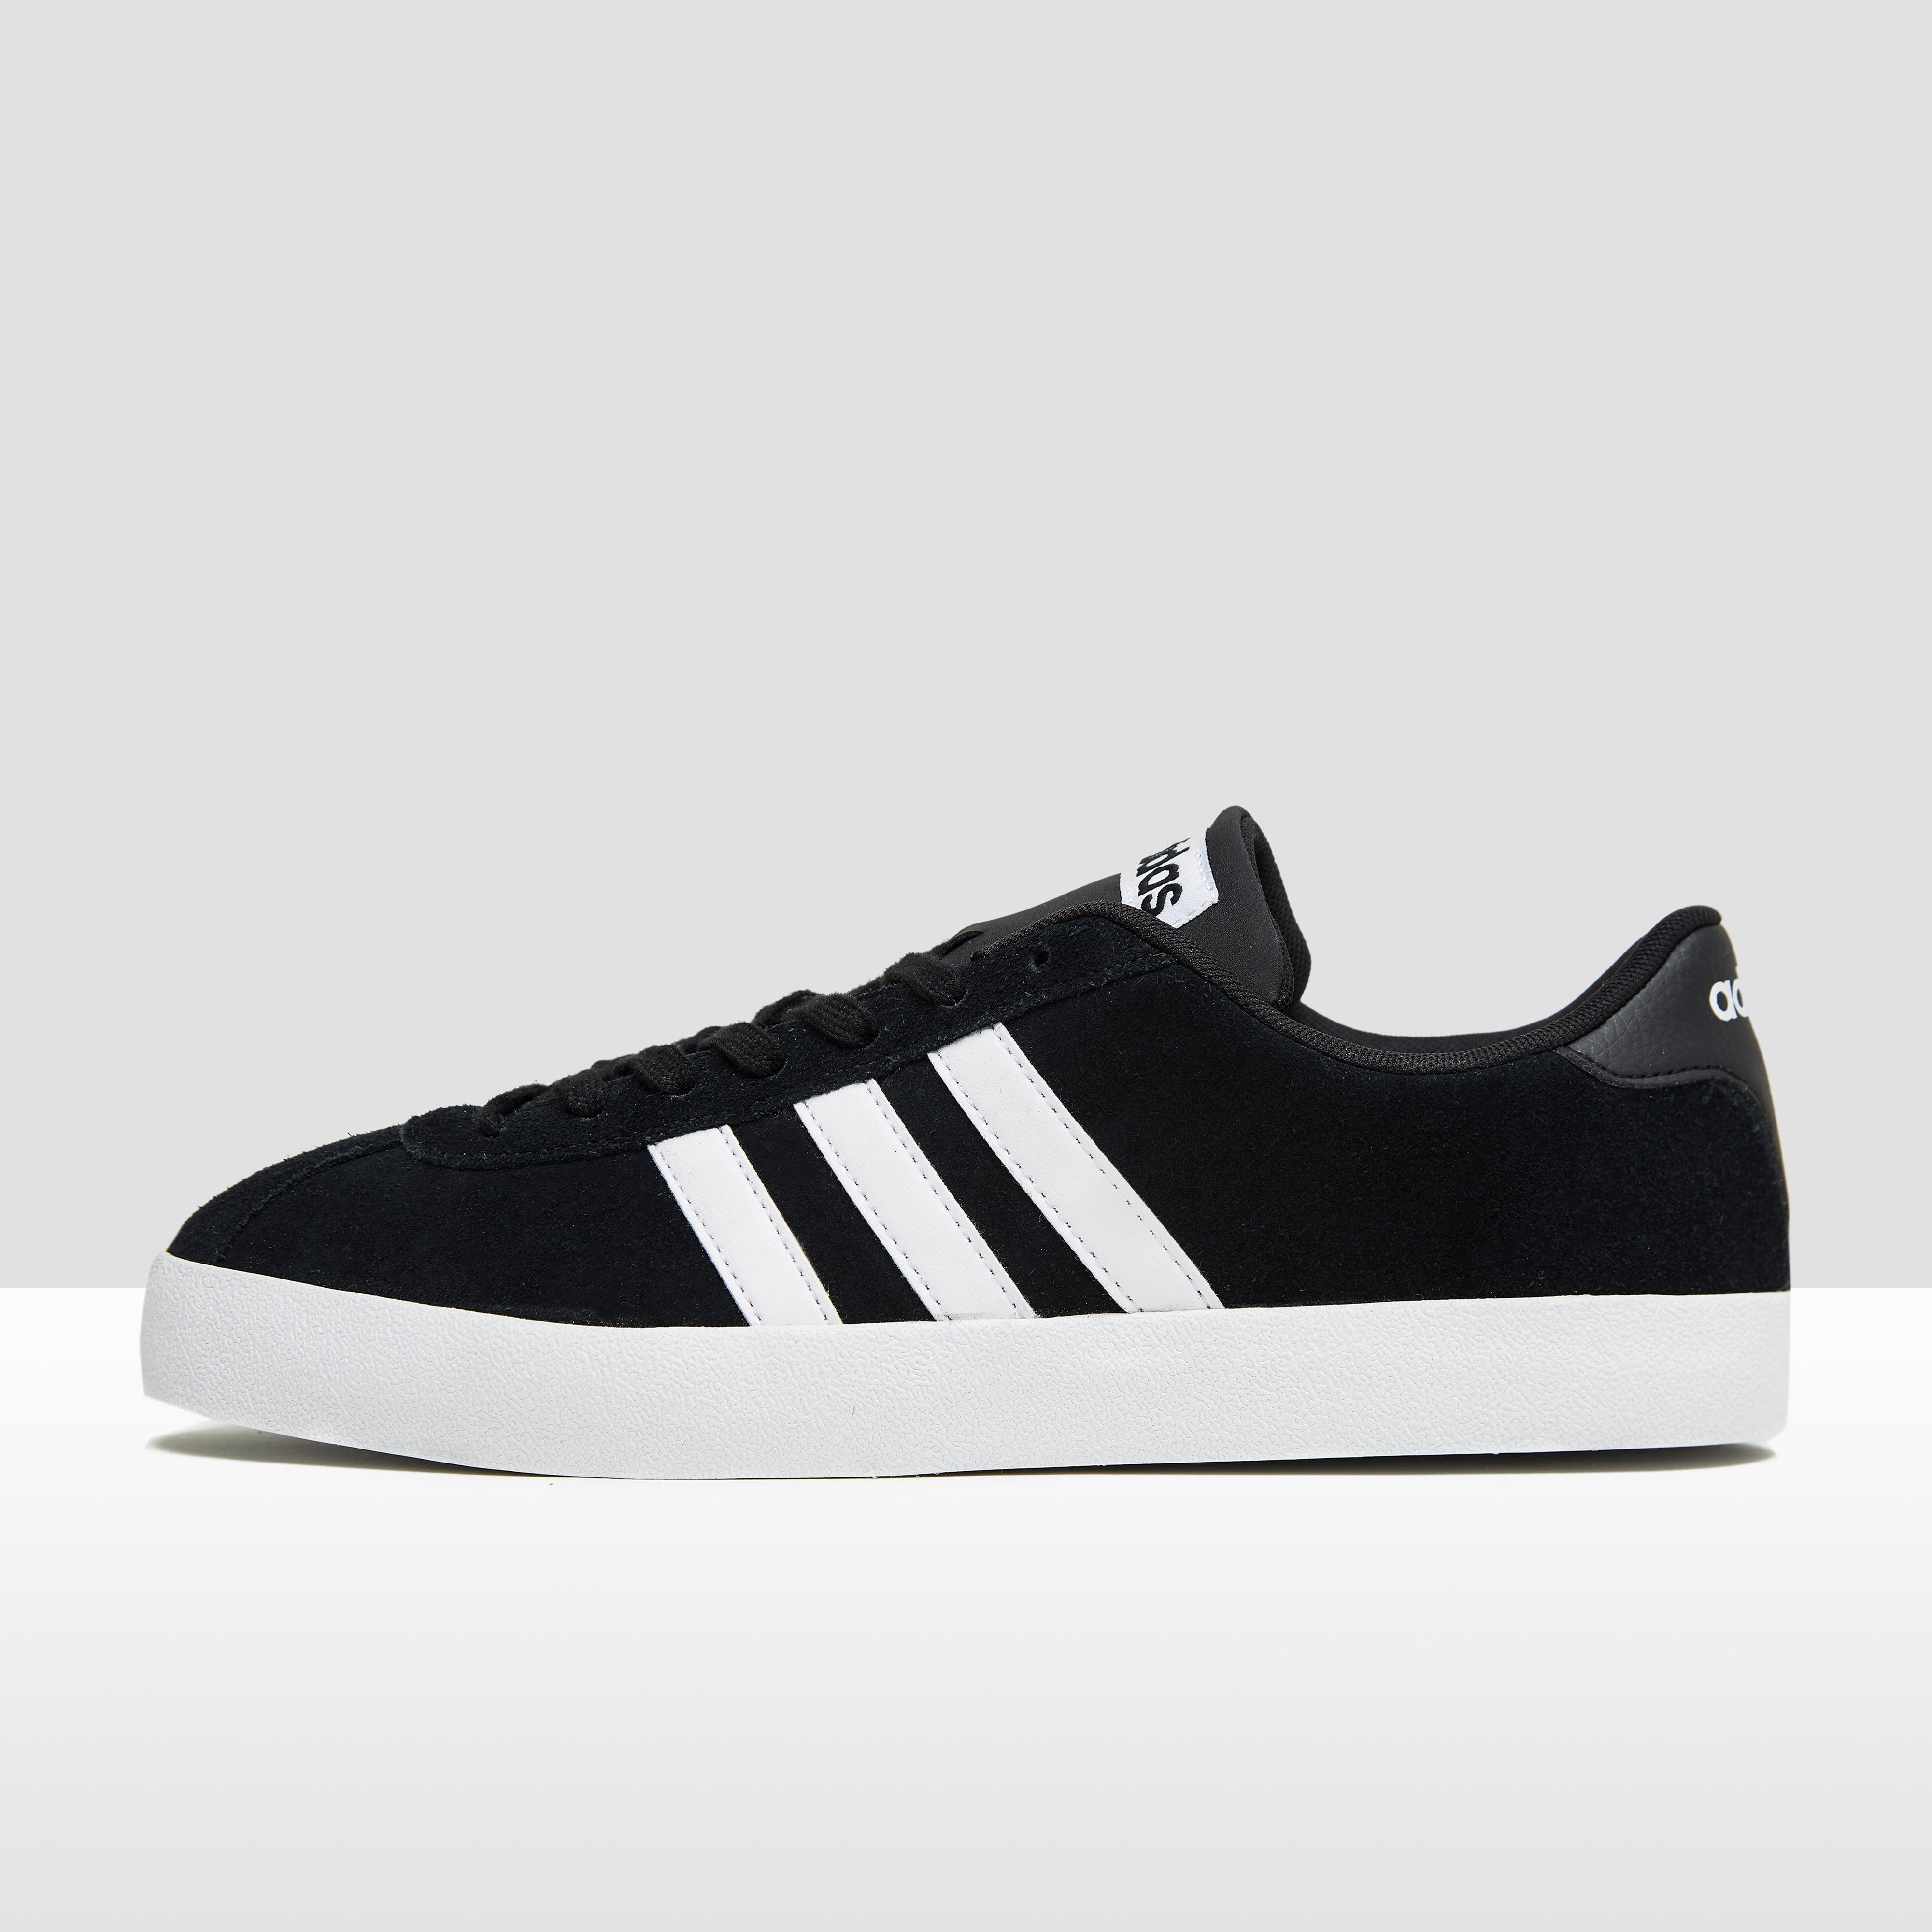 Adidas - Court Vulc Sneakers - Hommes - Chaussures De Sport - Noir - 44 2/3 up1dJjxm